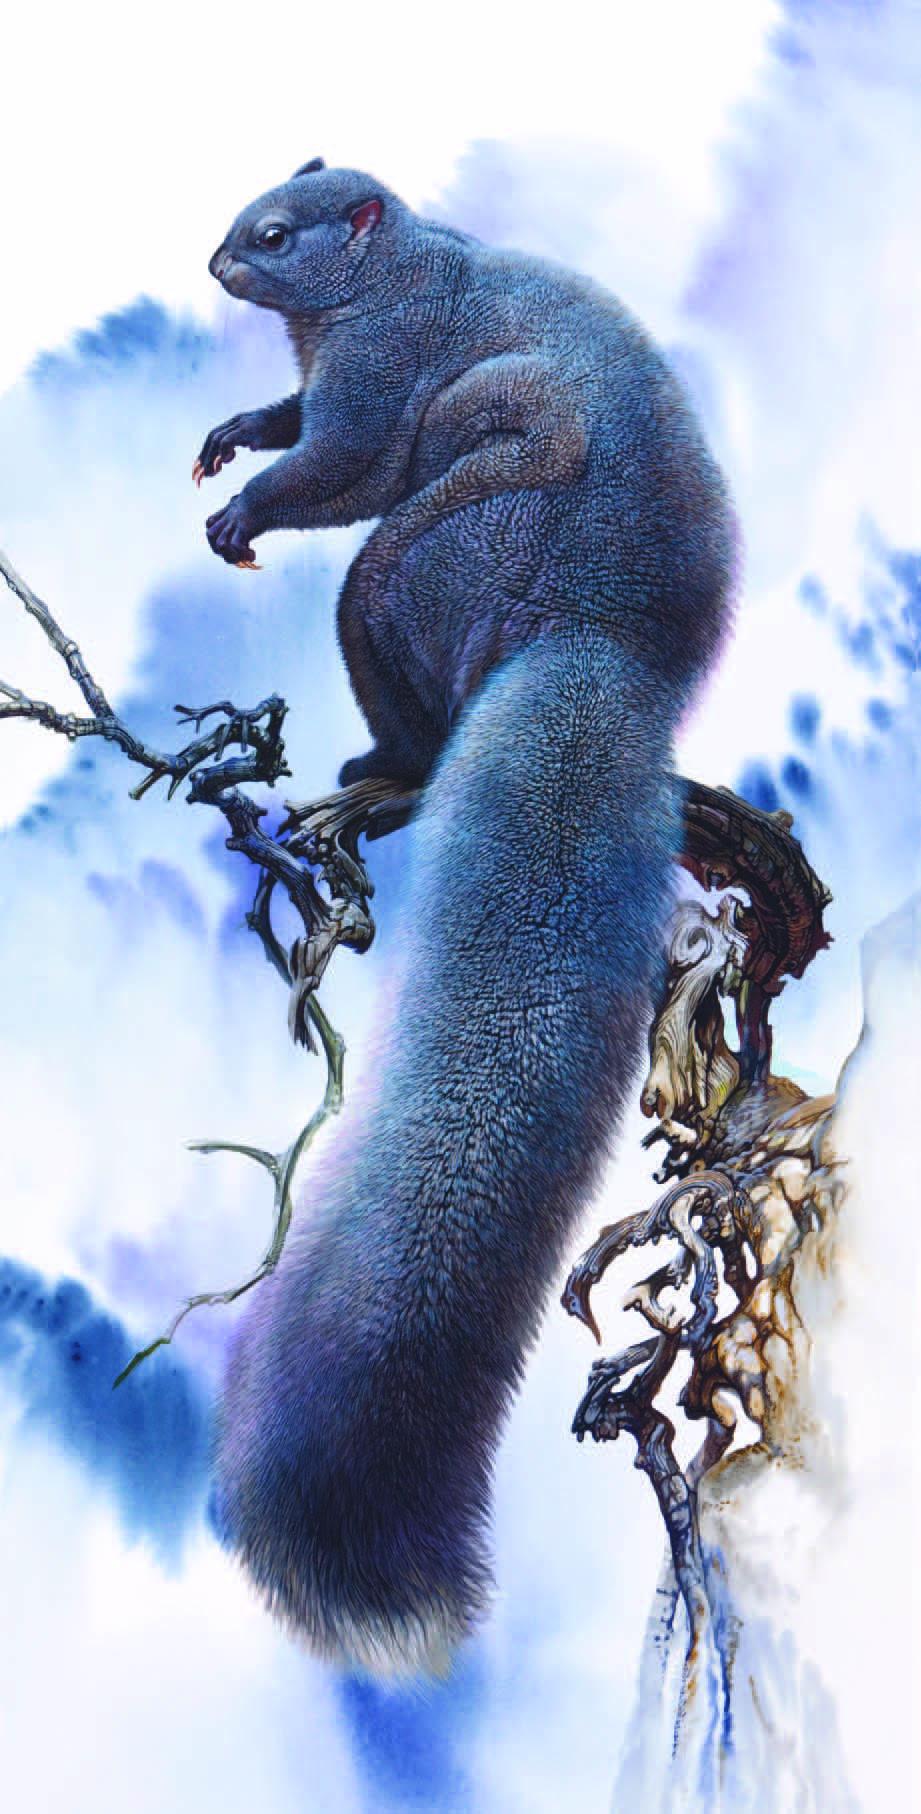 Woolly Flying Squirrel Eupetaurus cinereus